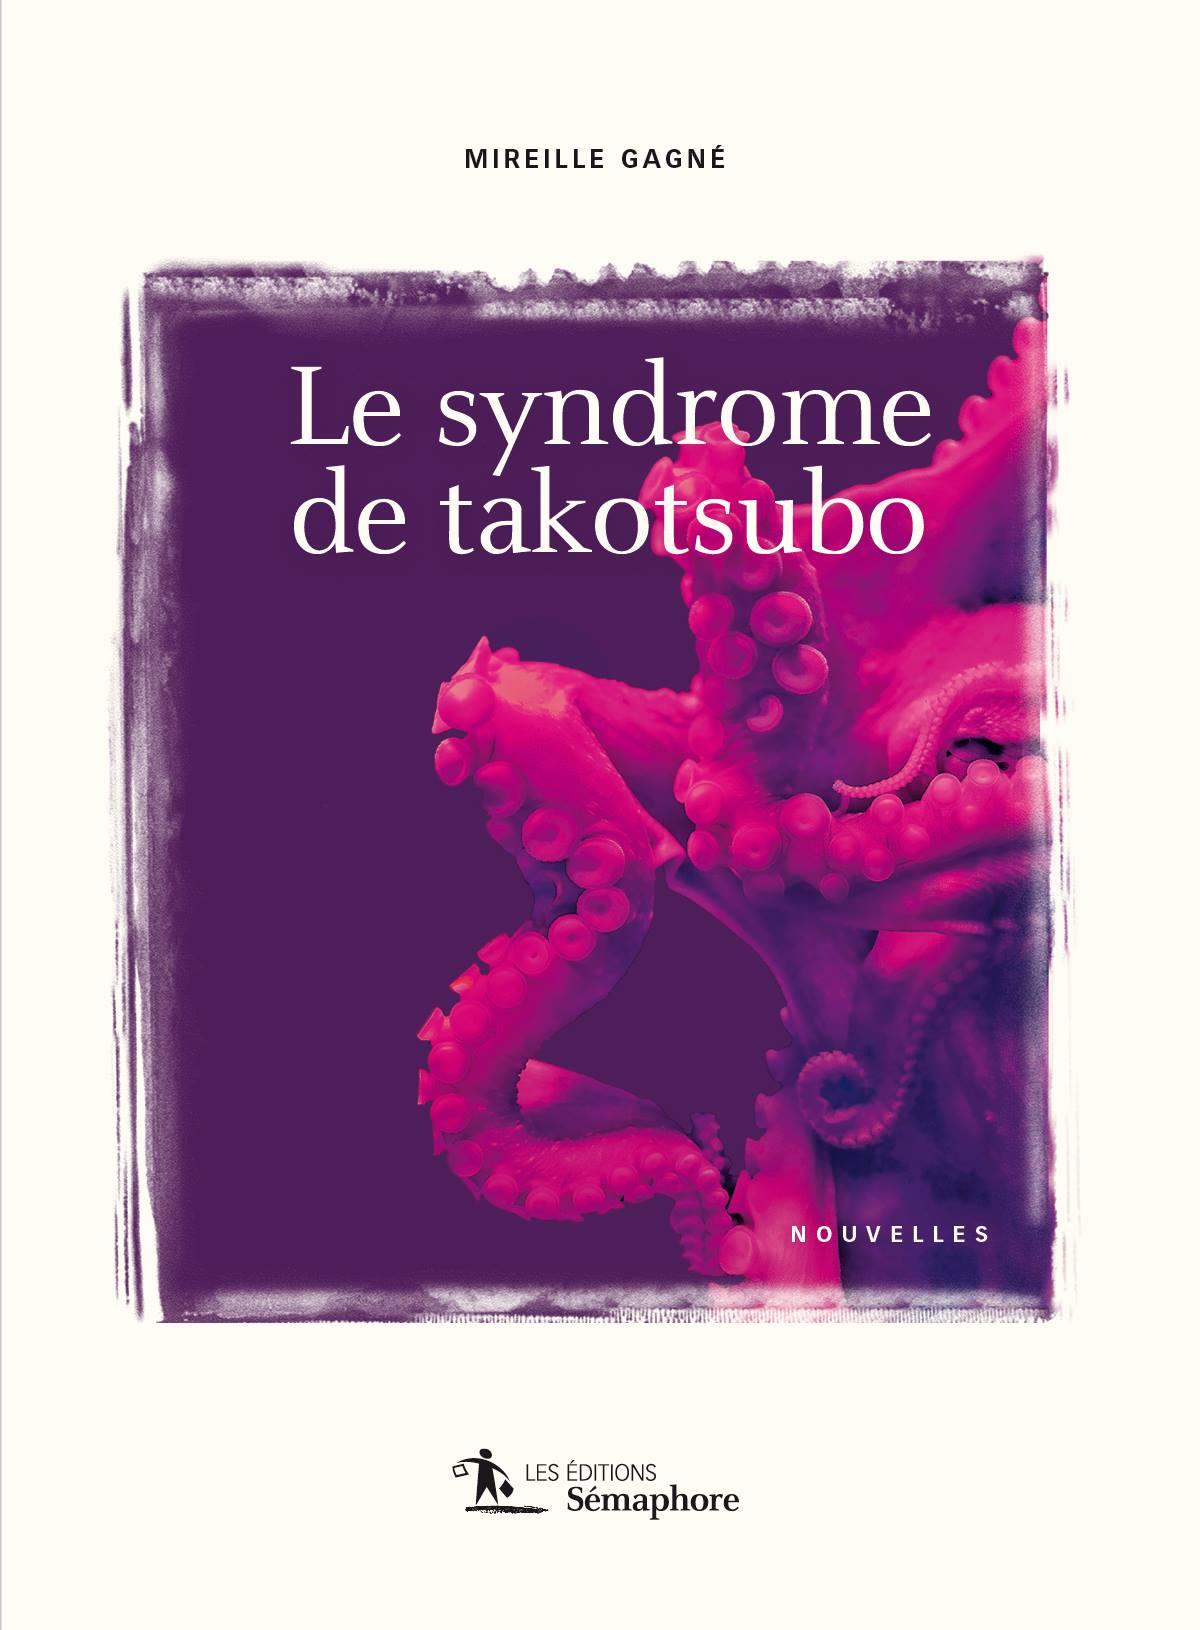 «Mireille Gagné possède une écriture finement maîtrisée et est très habile avec l'art de… (via facebook)